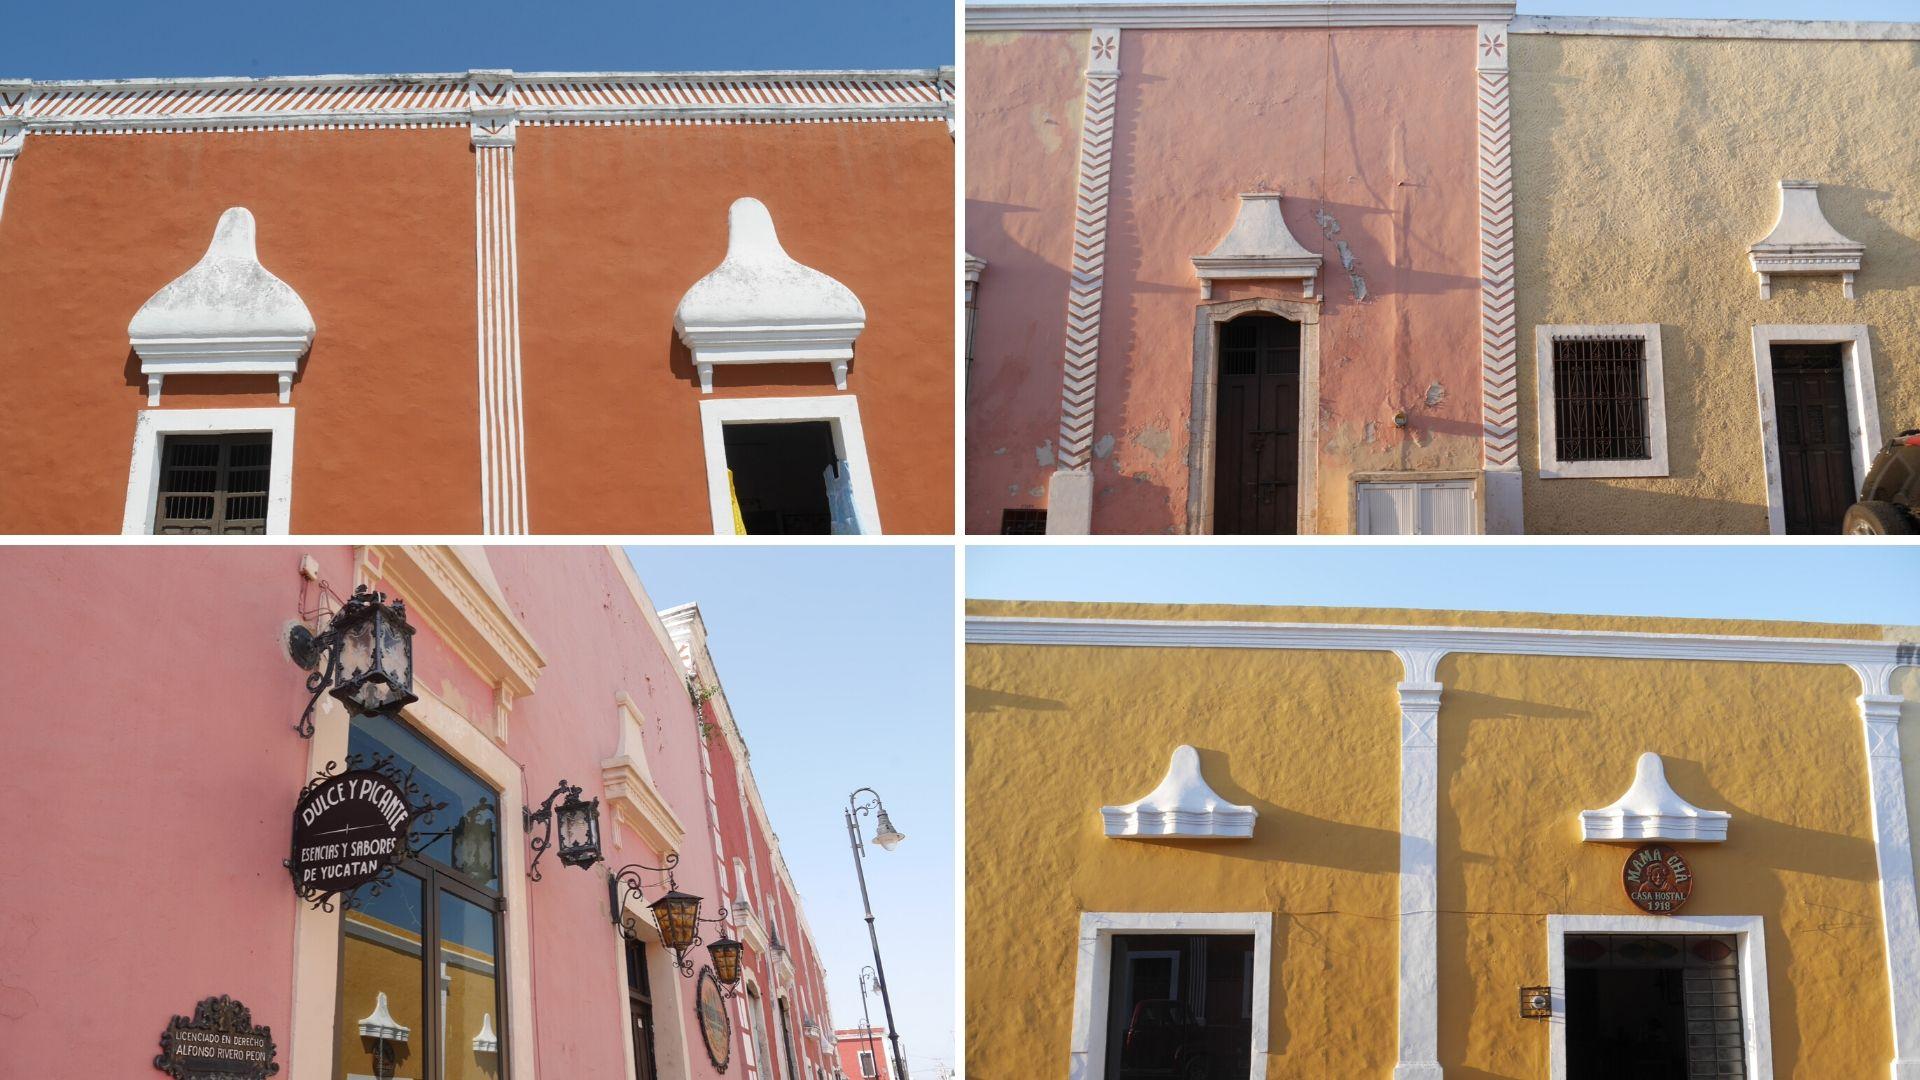 valladolid facades colorees blog voyage mexique arpenter le chemin